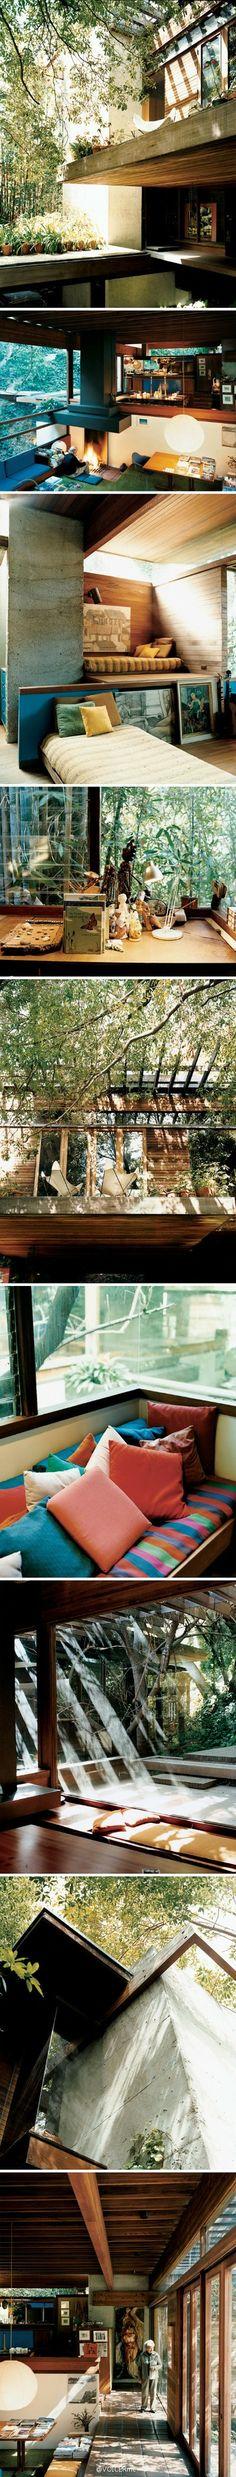 建筑师Ray Kappe于1967年在加州Pacific Palisades的峡谷中建造的自宅。(photo by João Canziani) B162 - 堆糖 发现生活_收集美好_分享图片